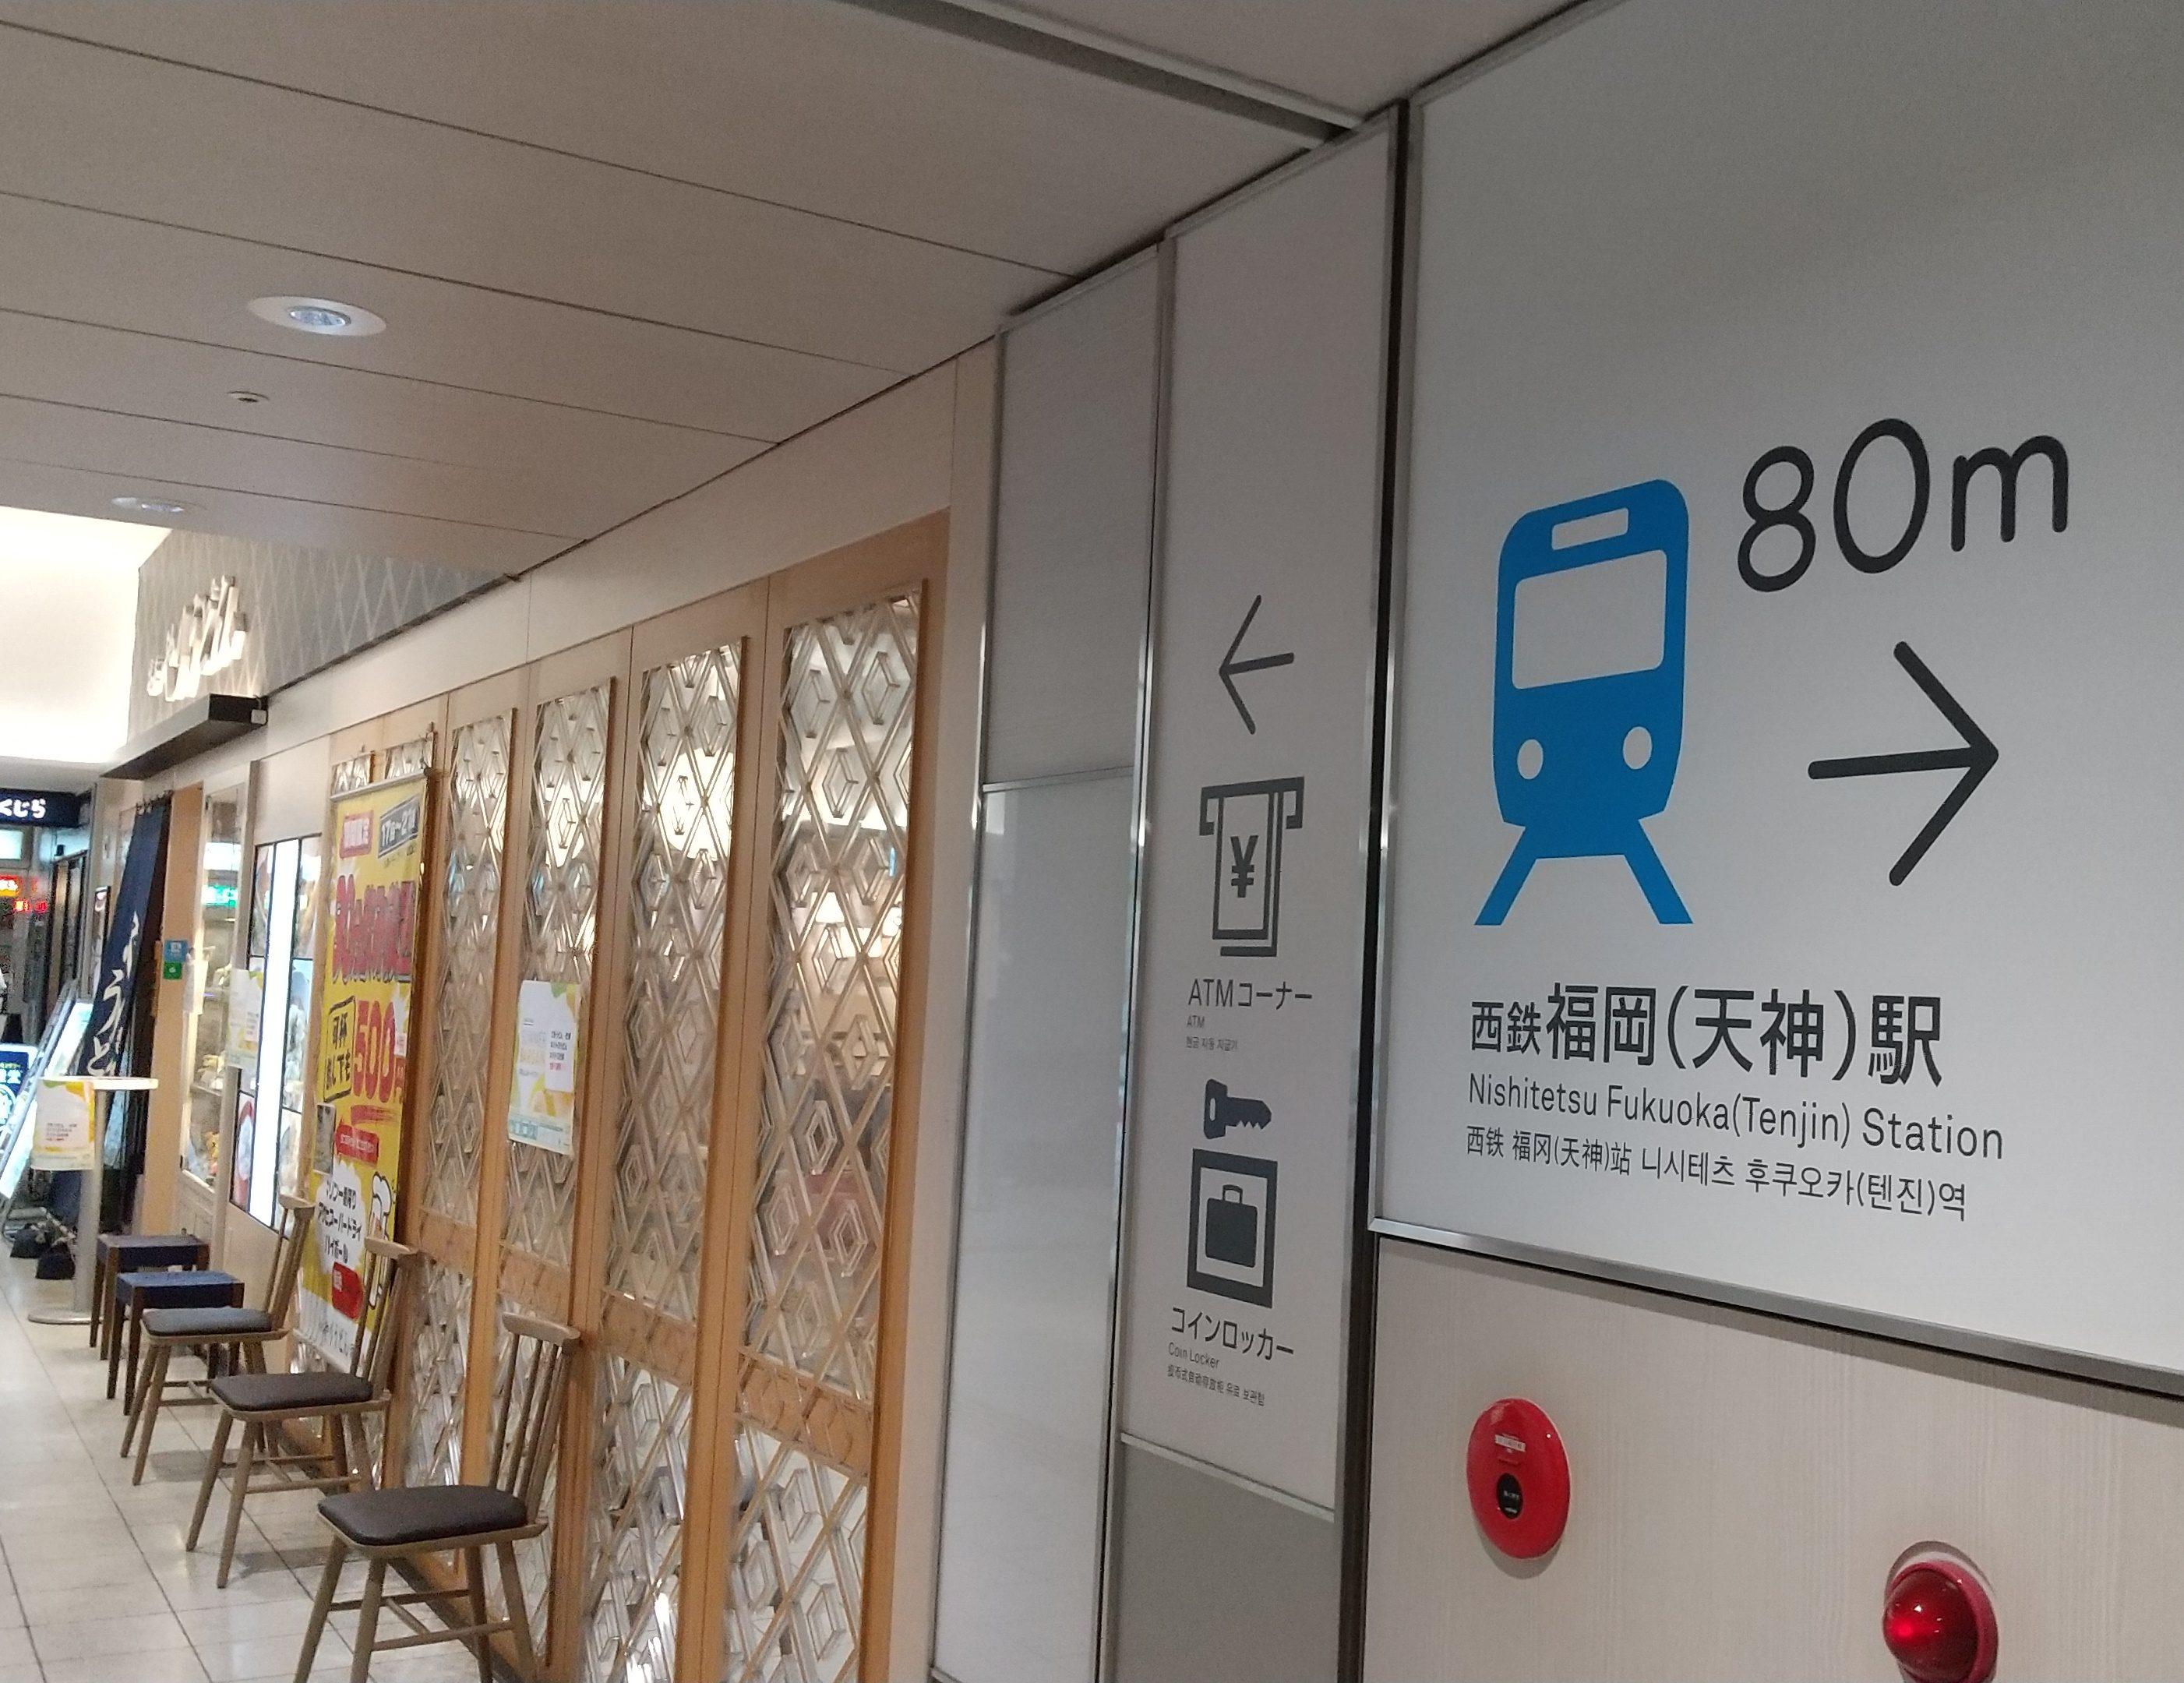 地下鉄の改札までの距離の案内とお店の窓